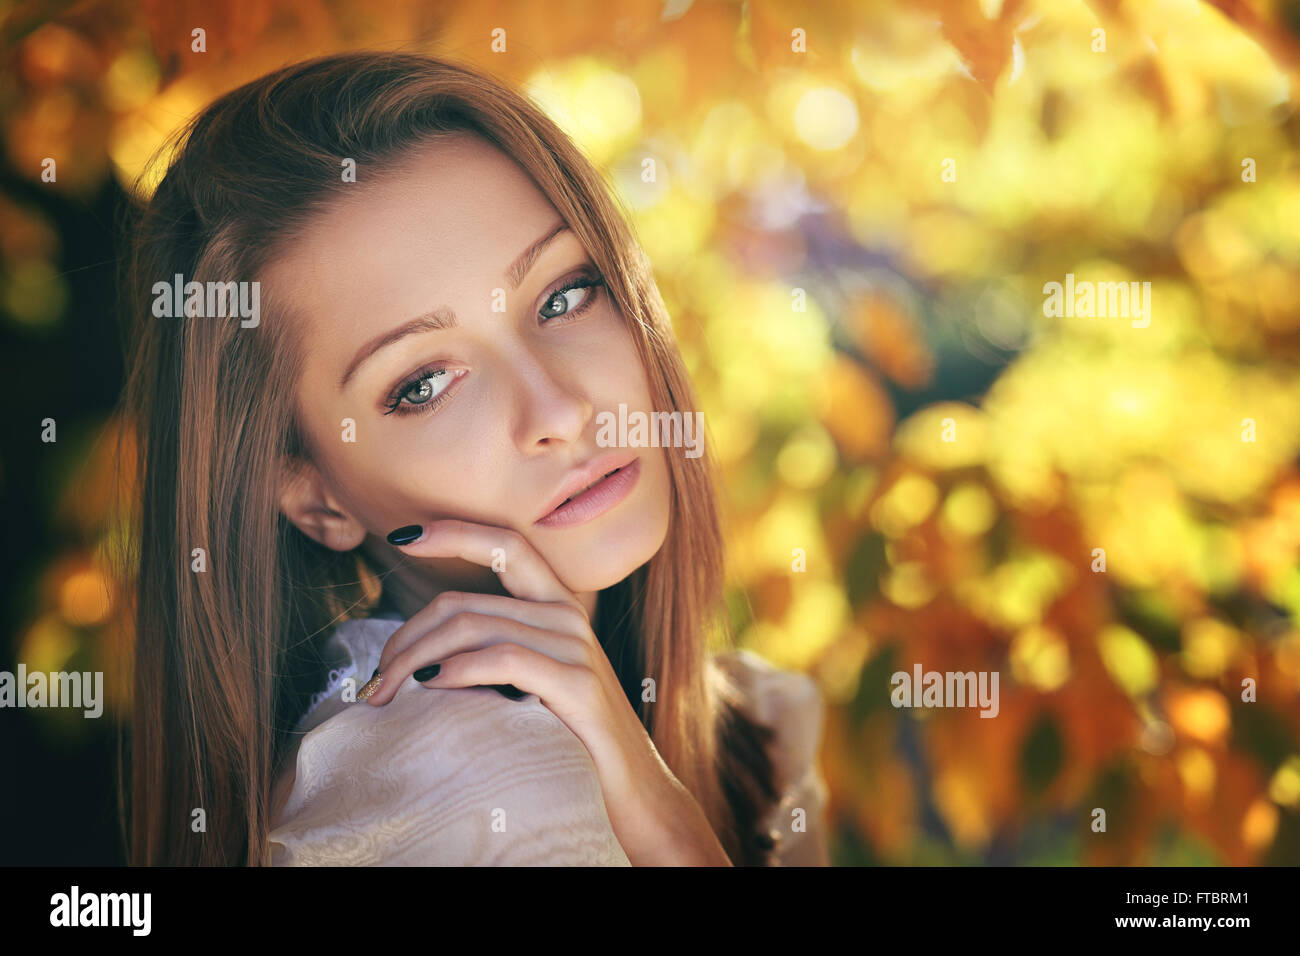 Automne chaud portrait d'une jeune femme . Derrière les feuilles d'or Banque D'Images